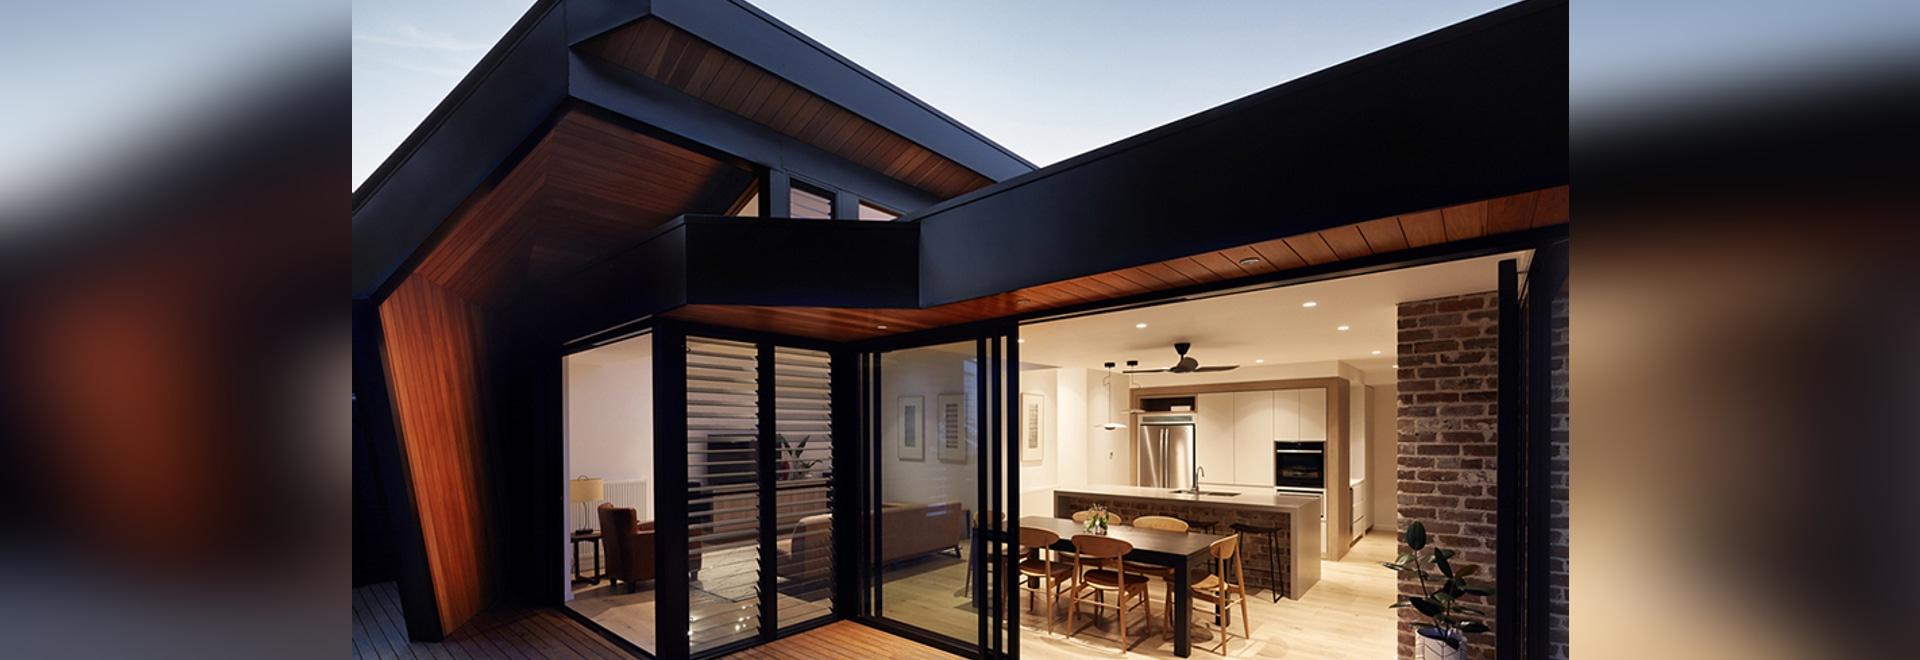 Hunters Hill House rugit dans les années 2020